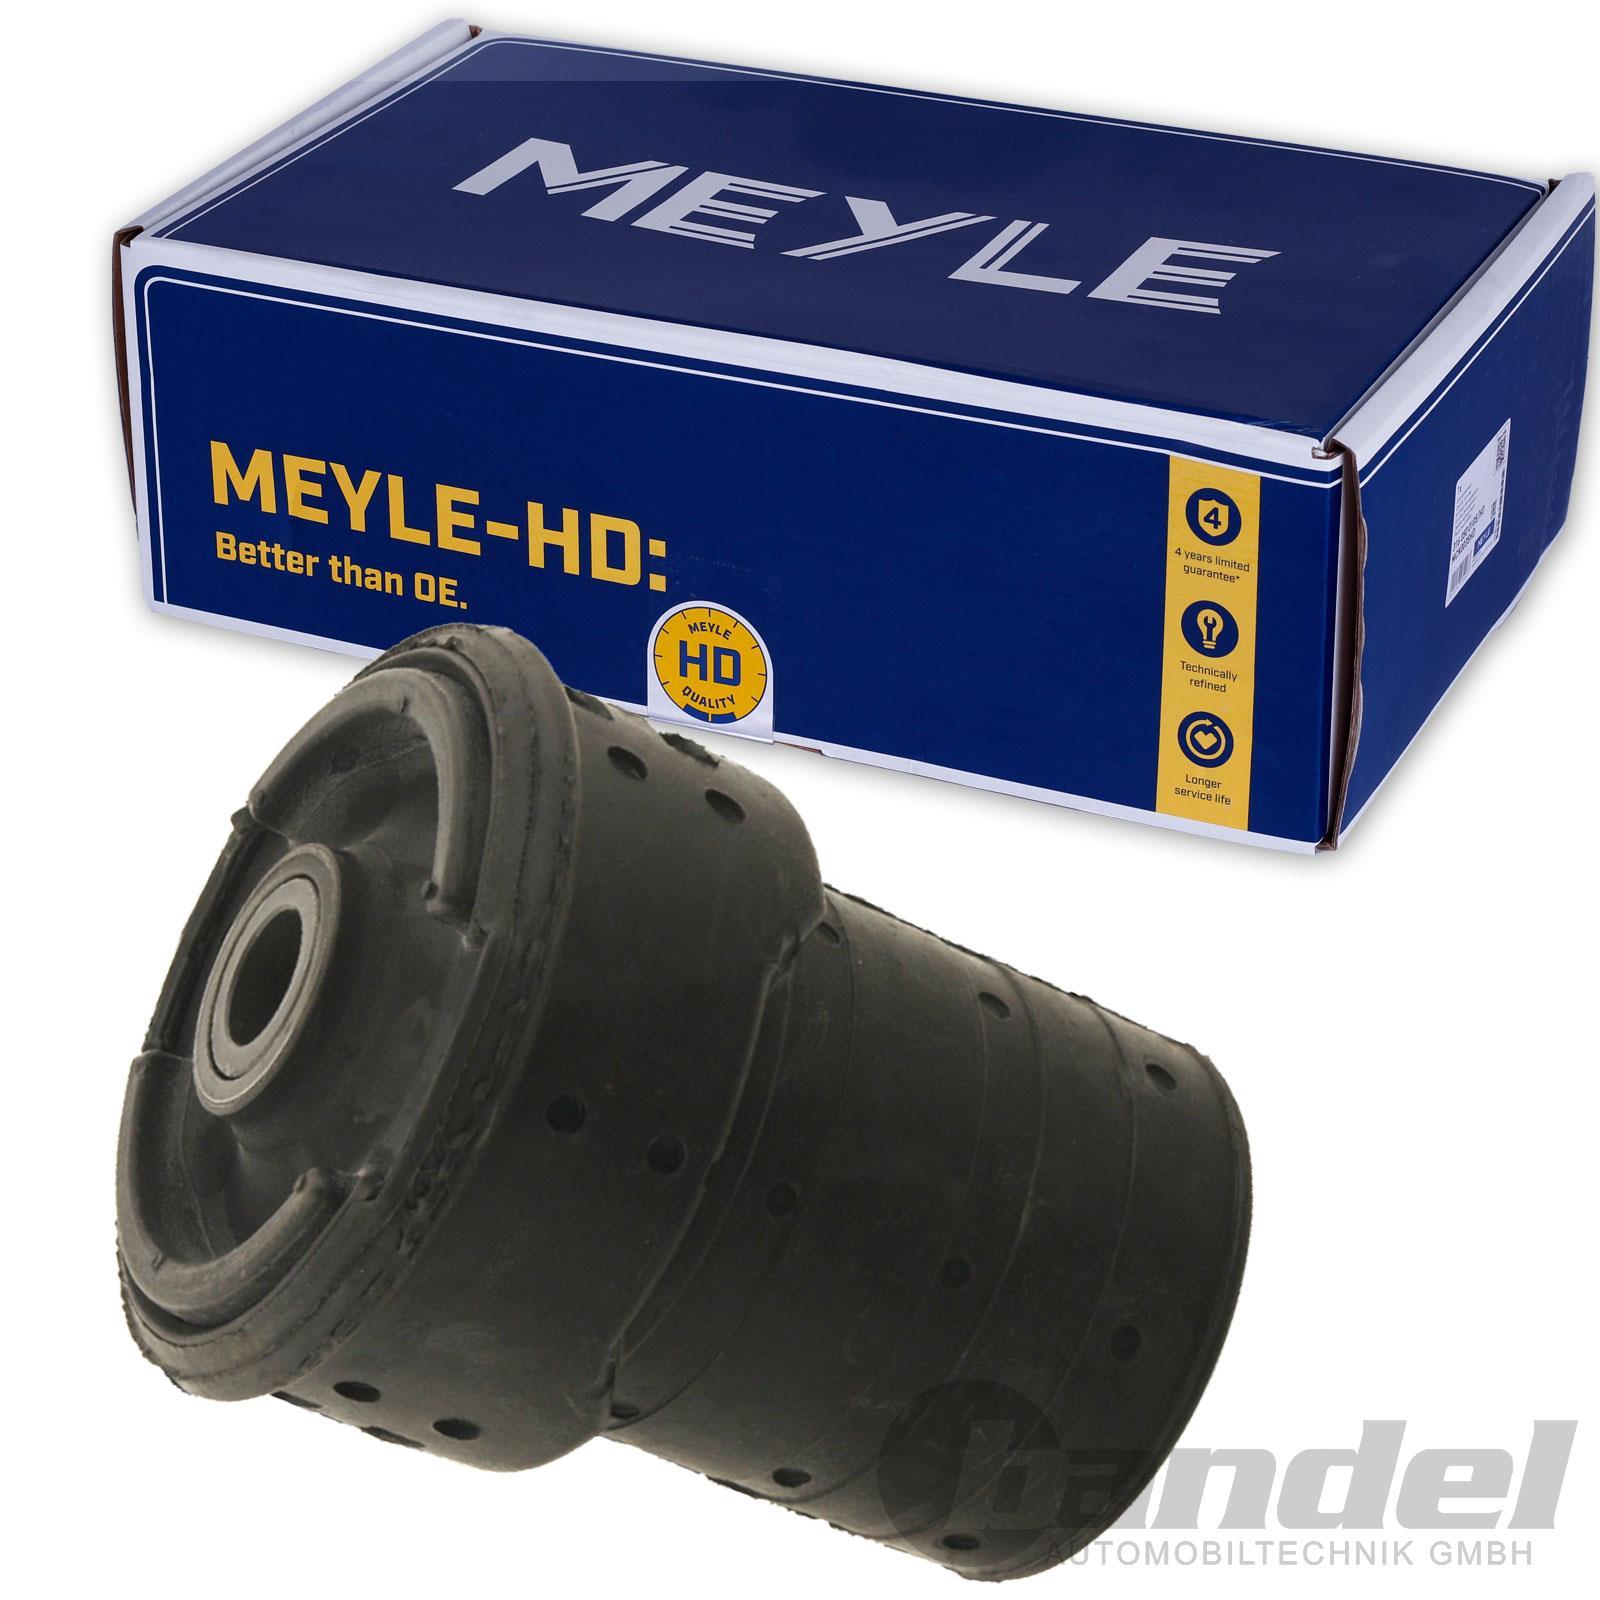 4x MEYLE 3003331111//HD Tonnenlager Buchse hinten verstärkt BMW 5er E39 Touring